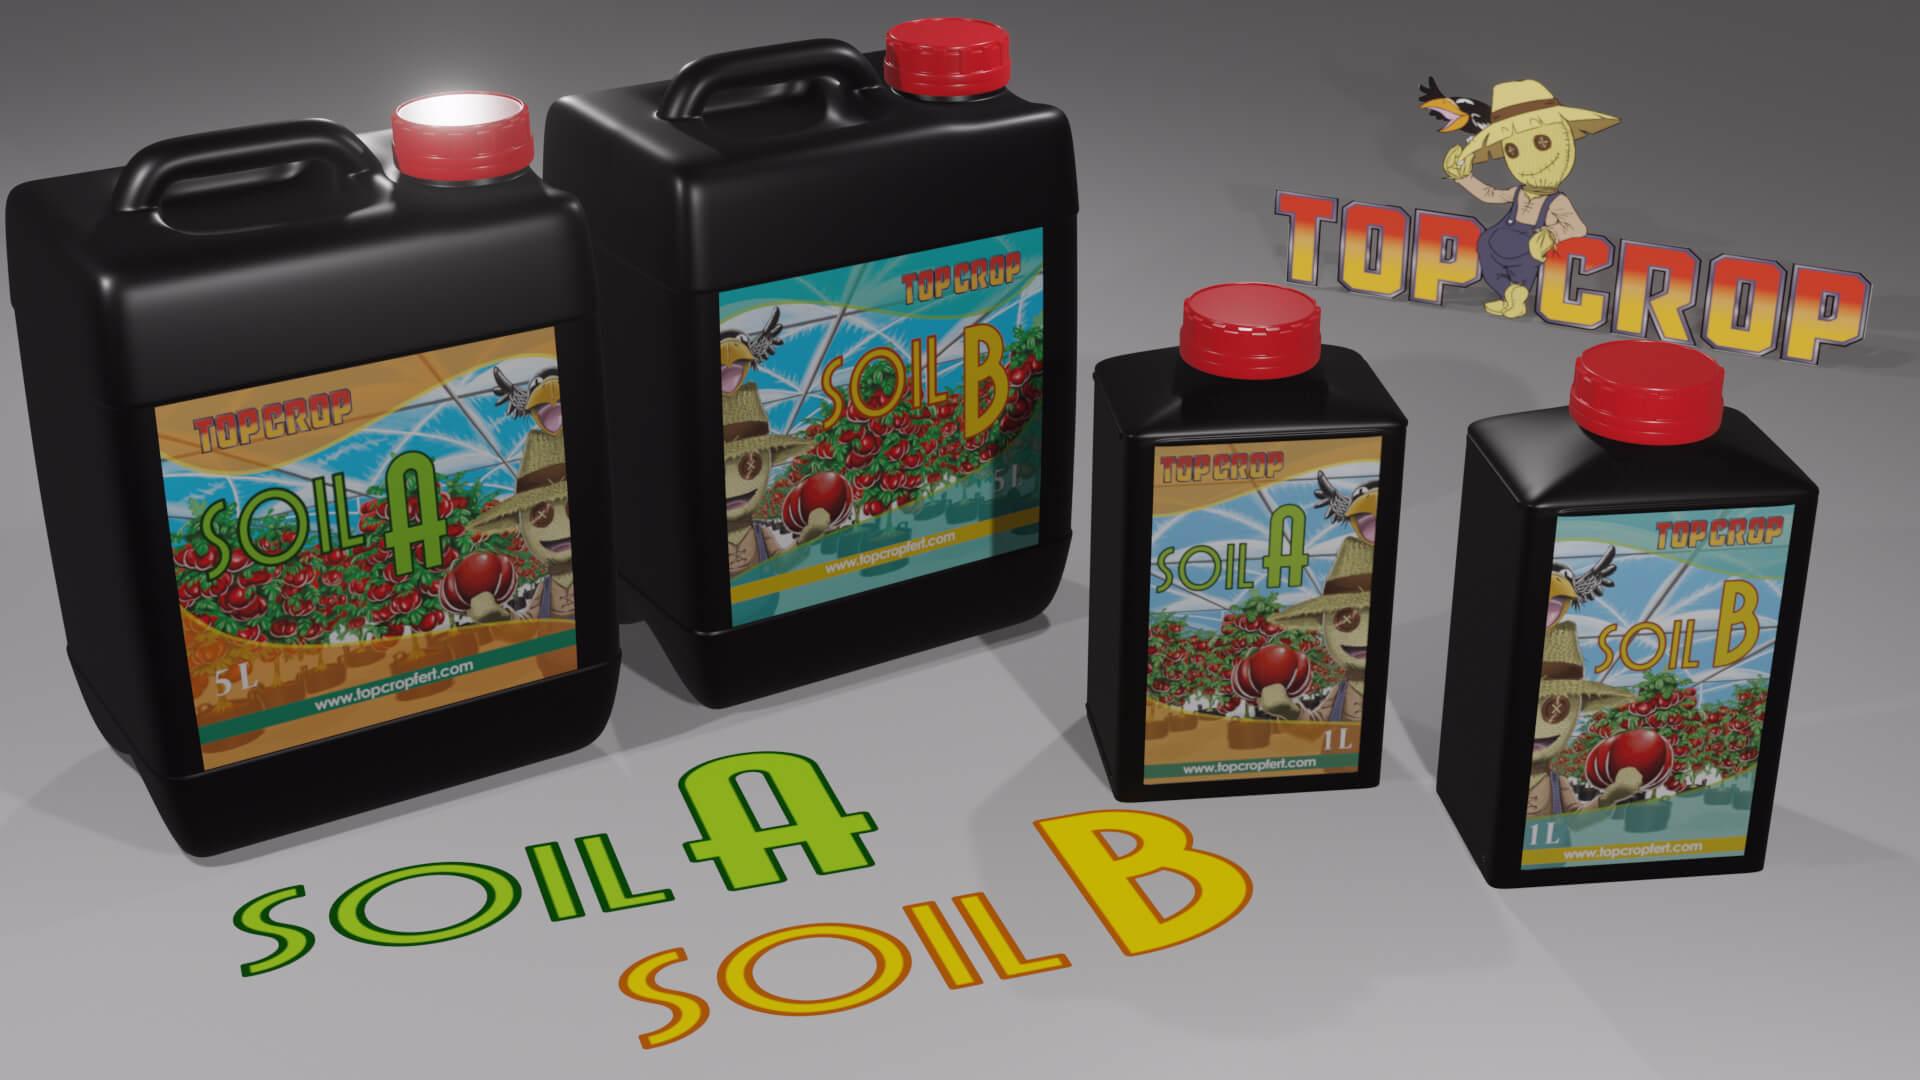 Soil A y B